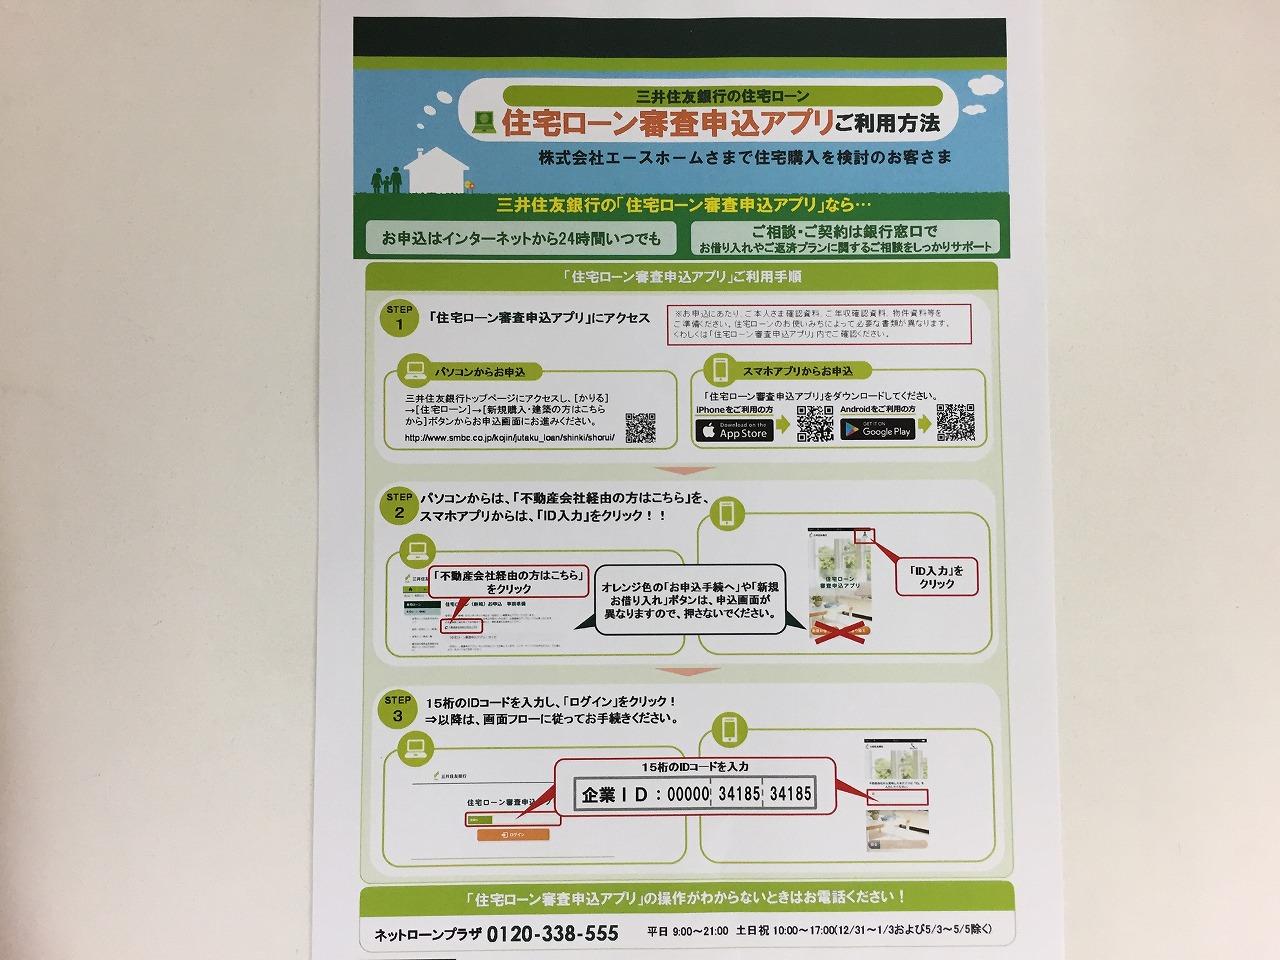 住友 銀行 住宅 ローン 三井 【住宅ローン(新規)】申込ができるか知りたい